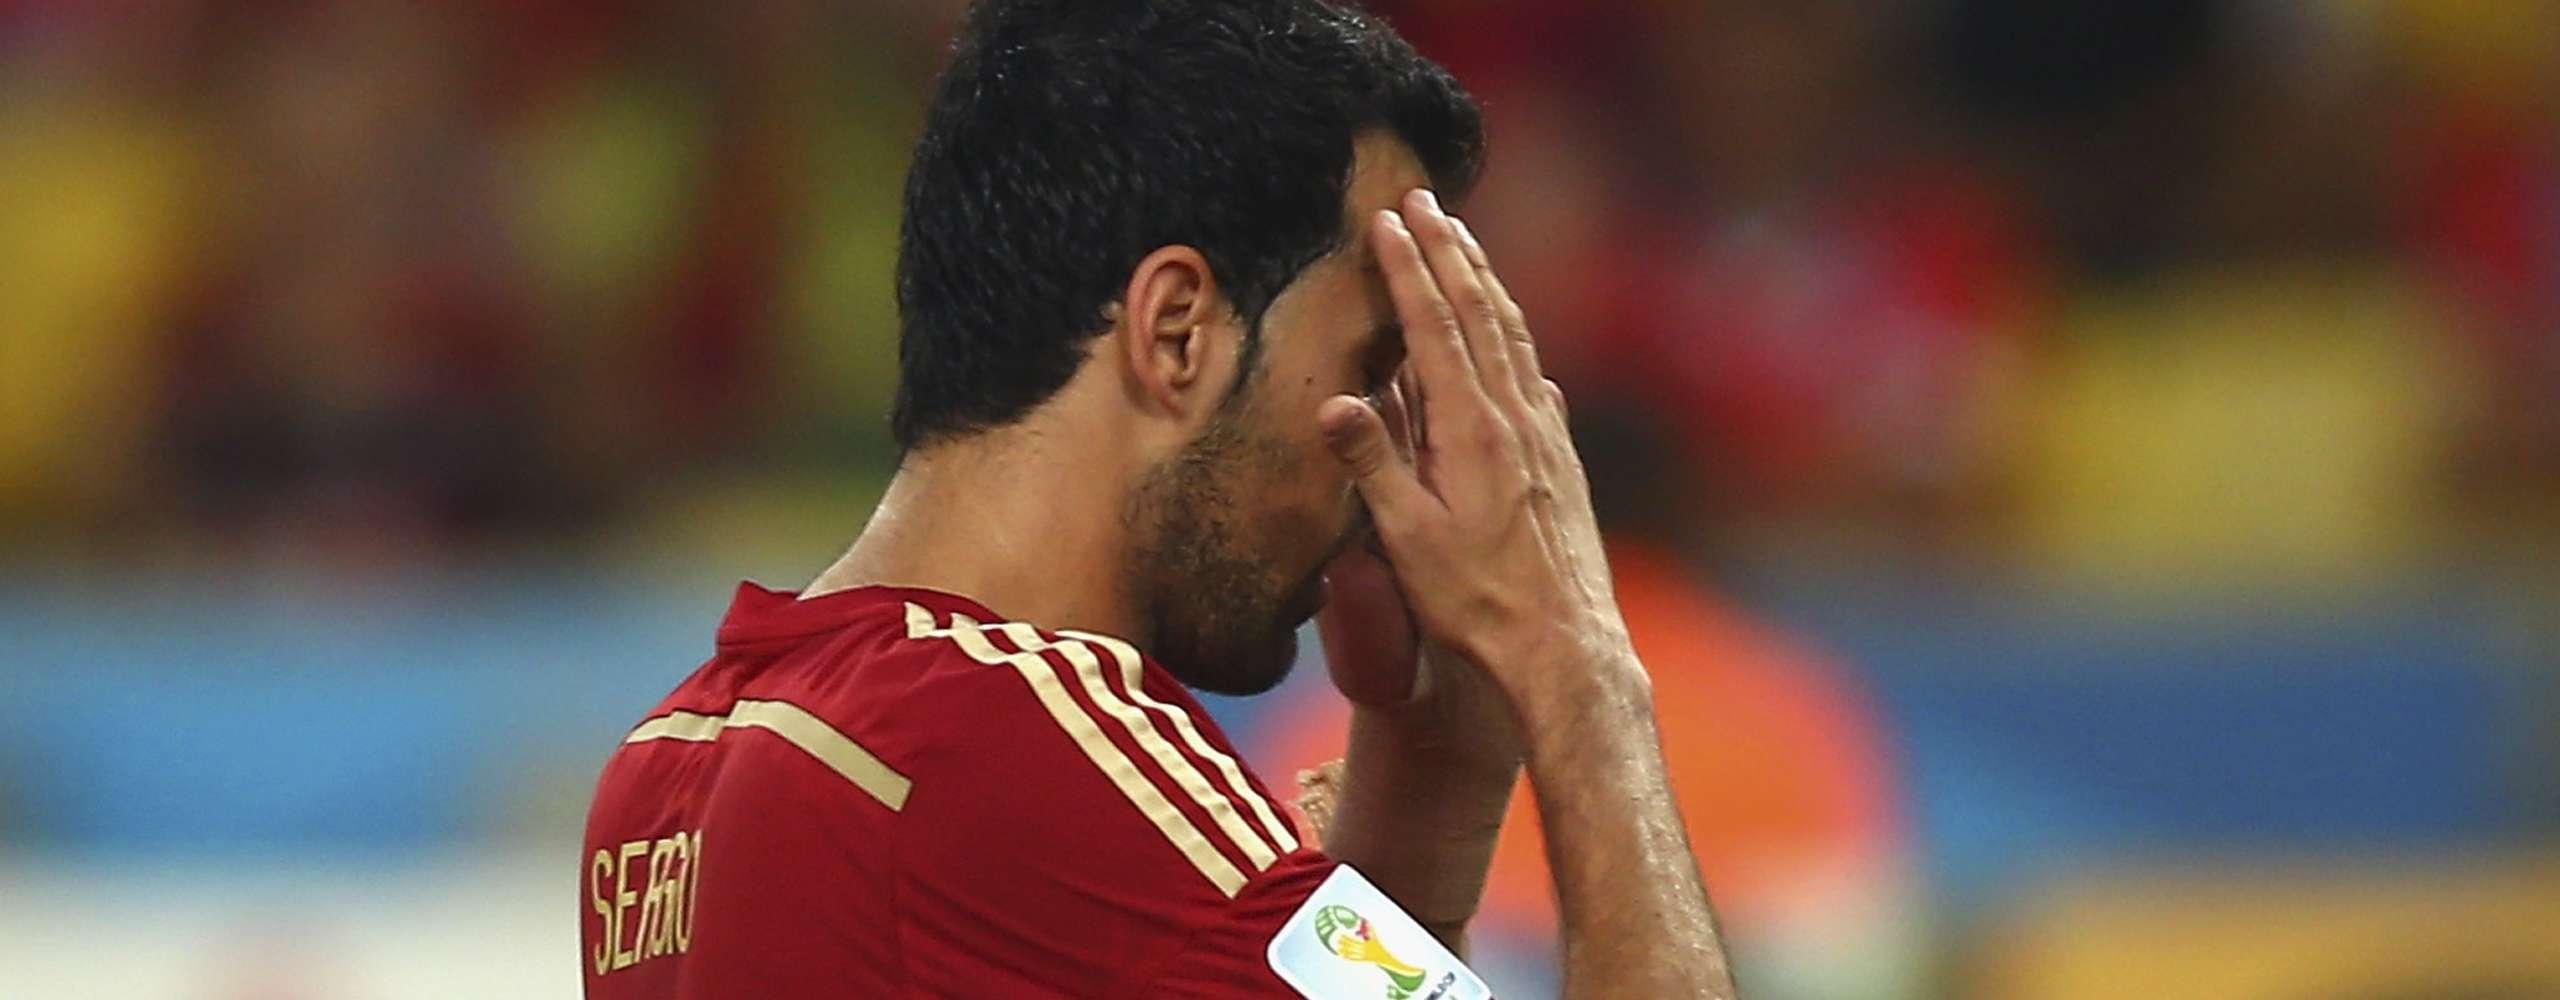 El adiós al Mundial en las caras de los jugadores de España